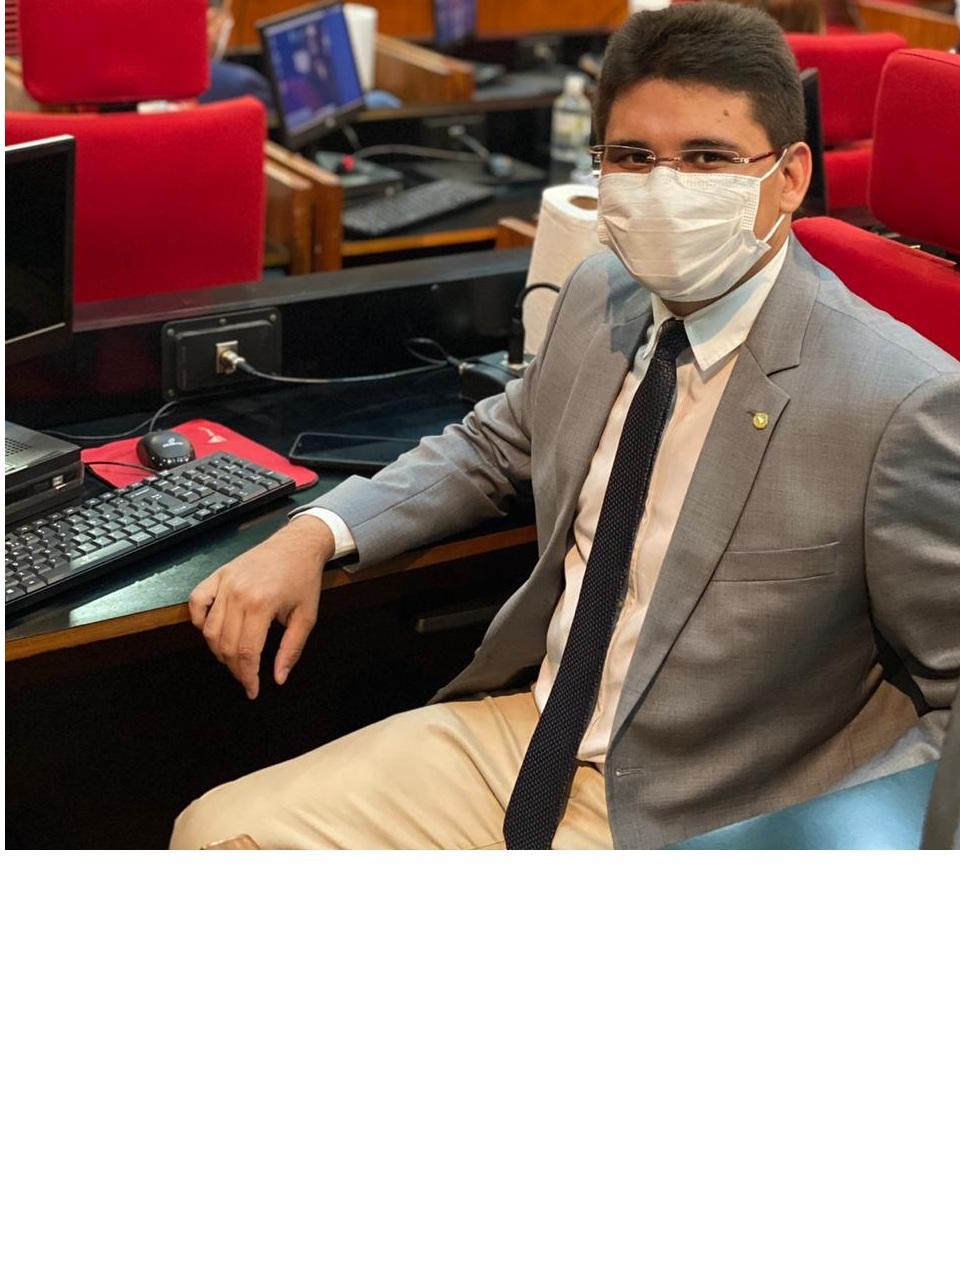 Trabalhadores da limpeza pública podem ser vacinados antes - Imagem 1